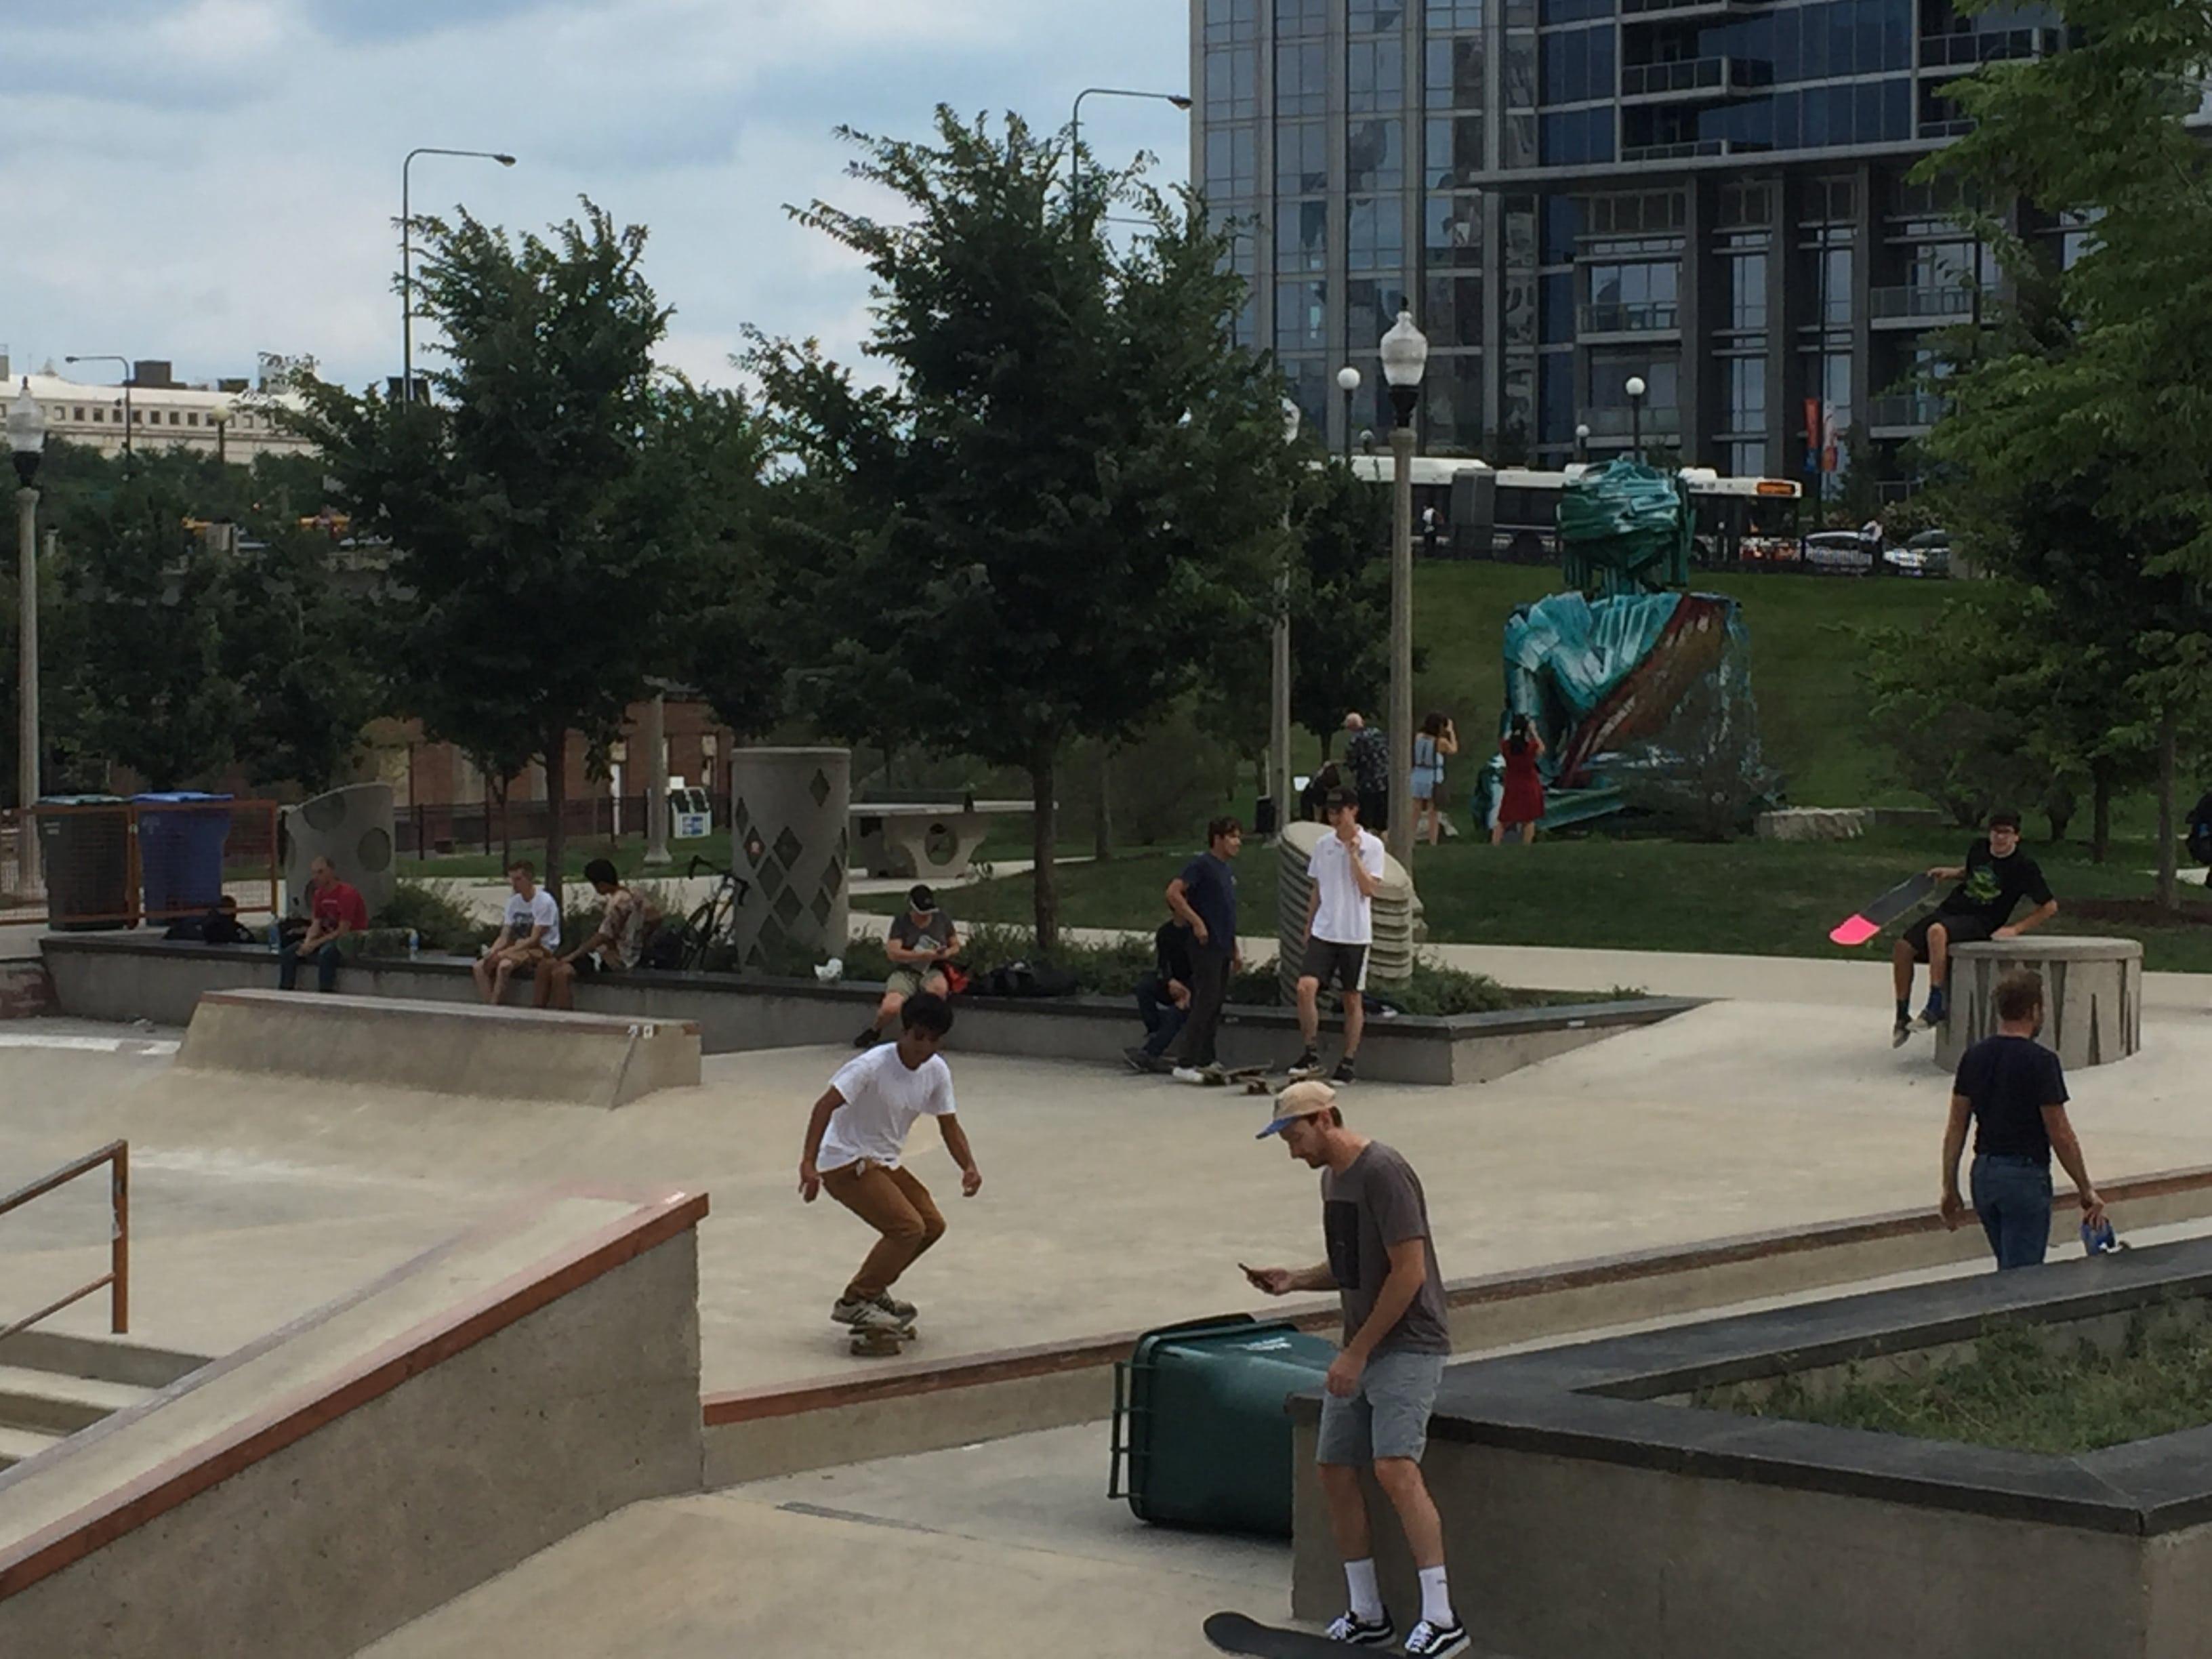 grant park chicago skateboarders